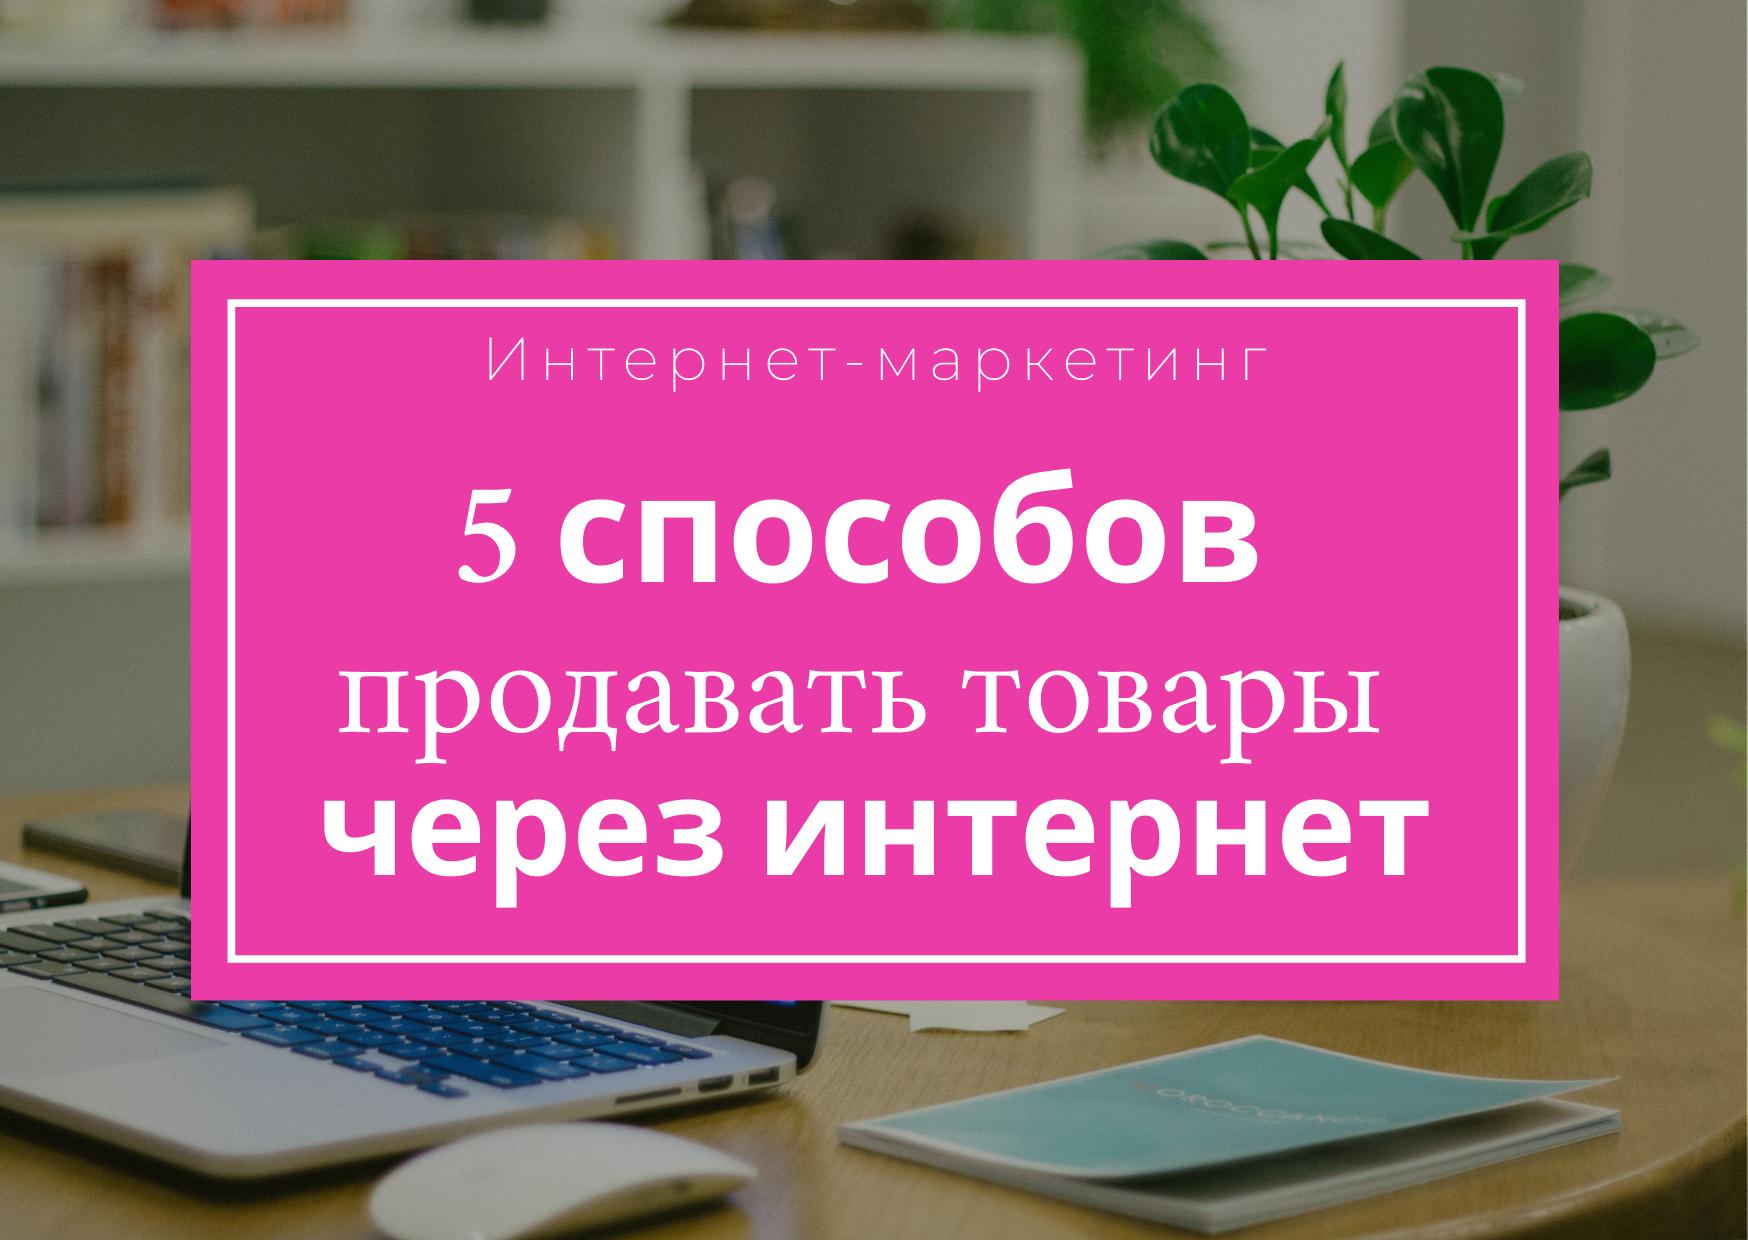 5 способов продавать товары через интернет